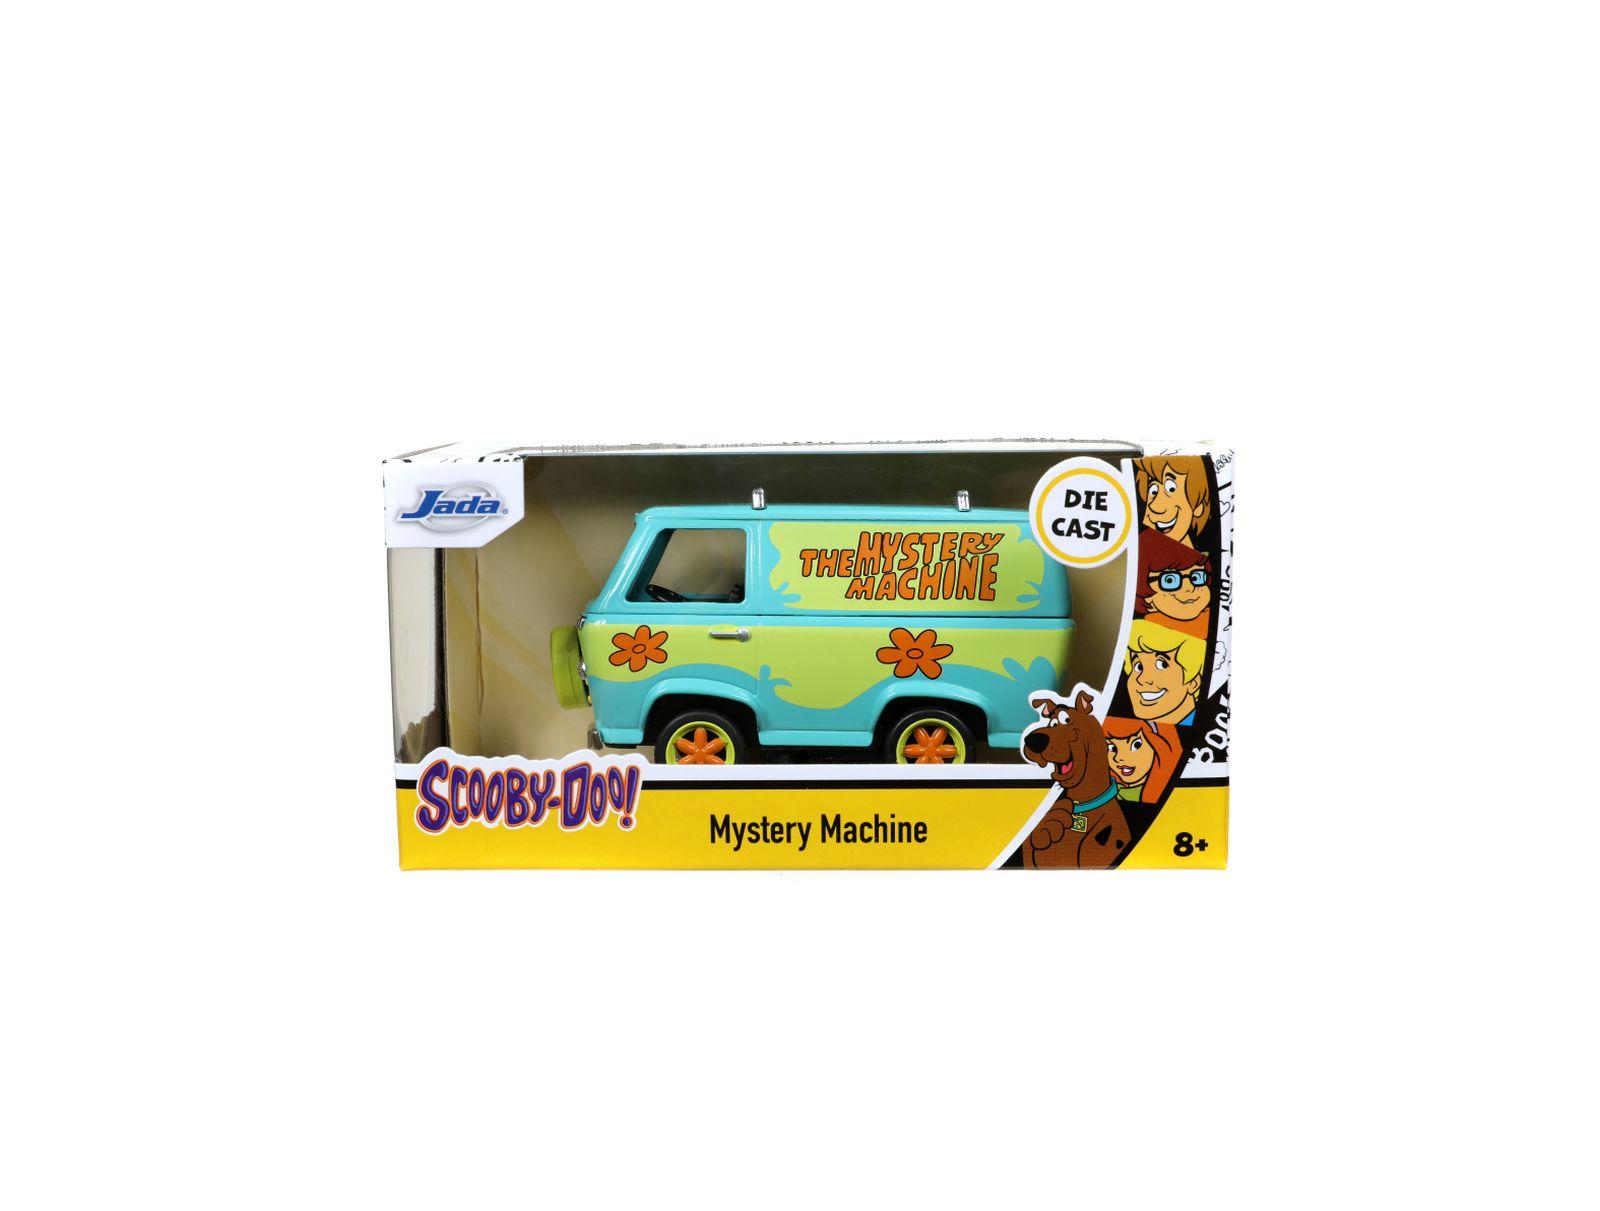 Scooby doo mystery machine 1:32 die-cast - JADA